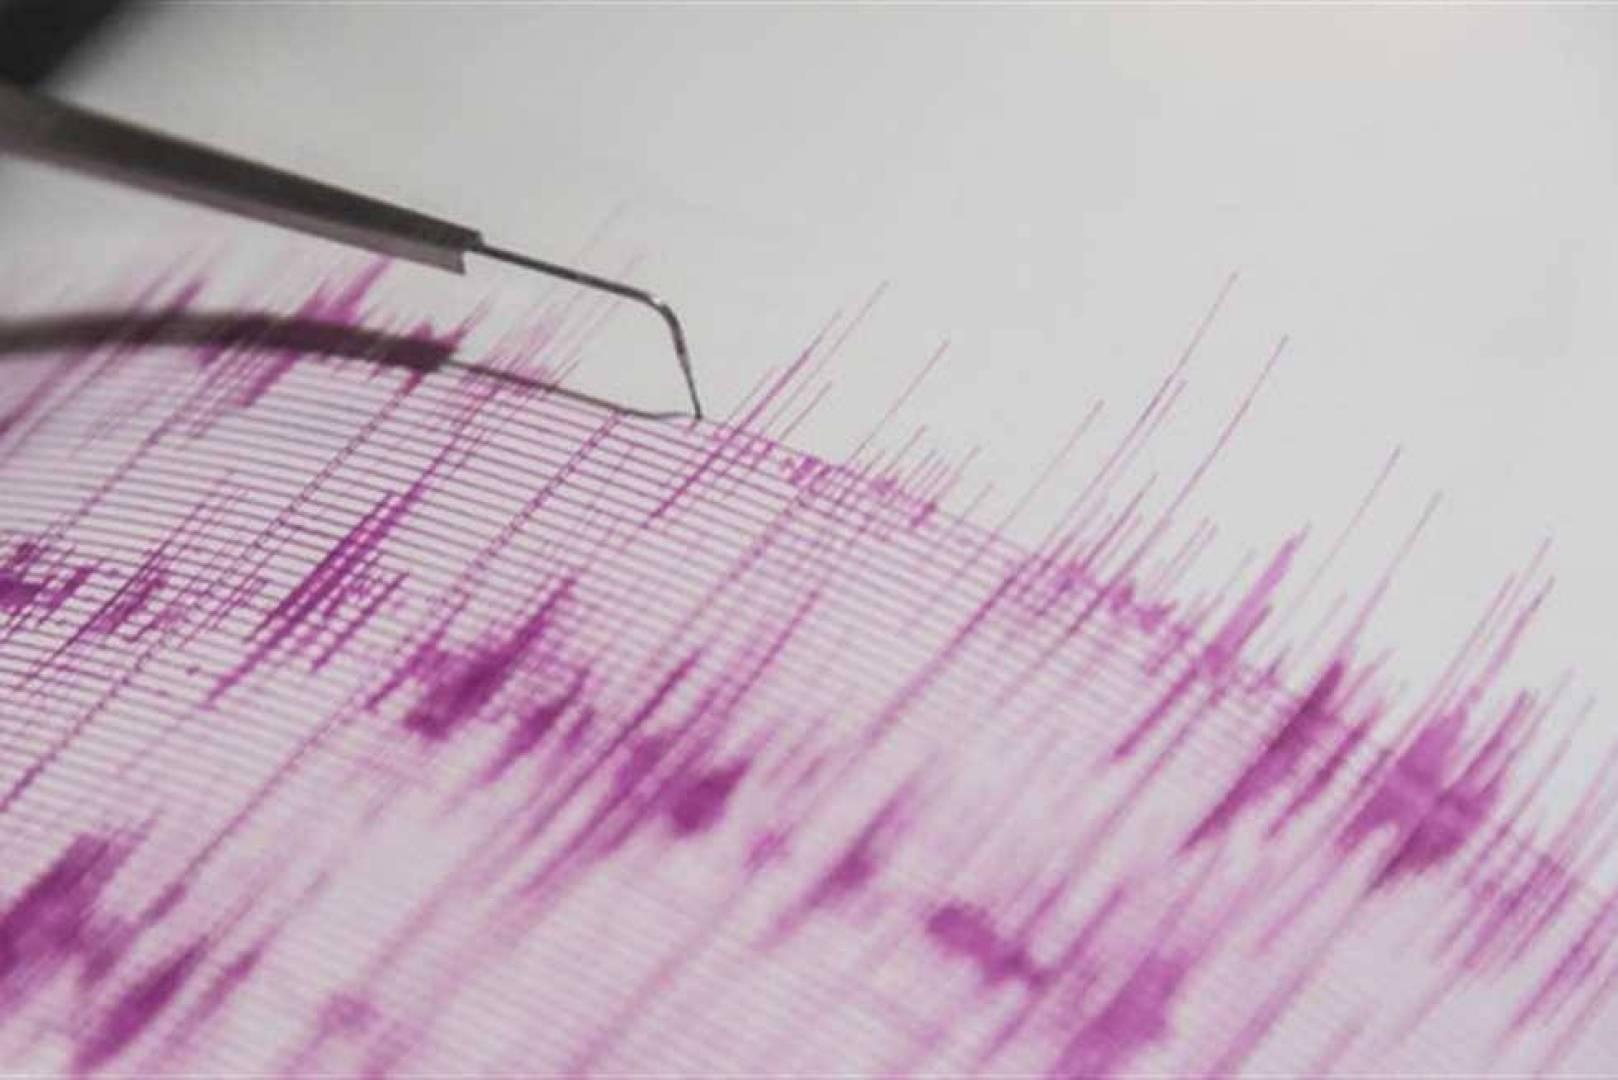 زلزال بالمدينة المنورة